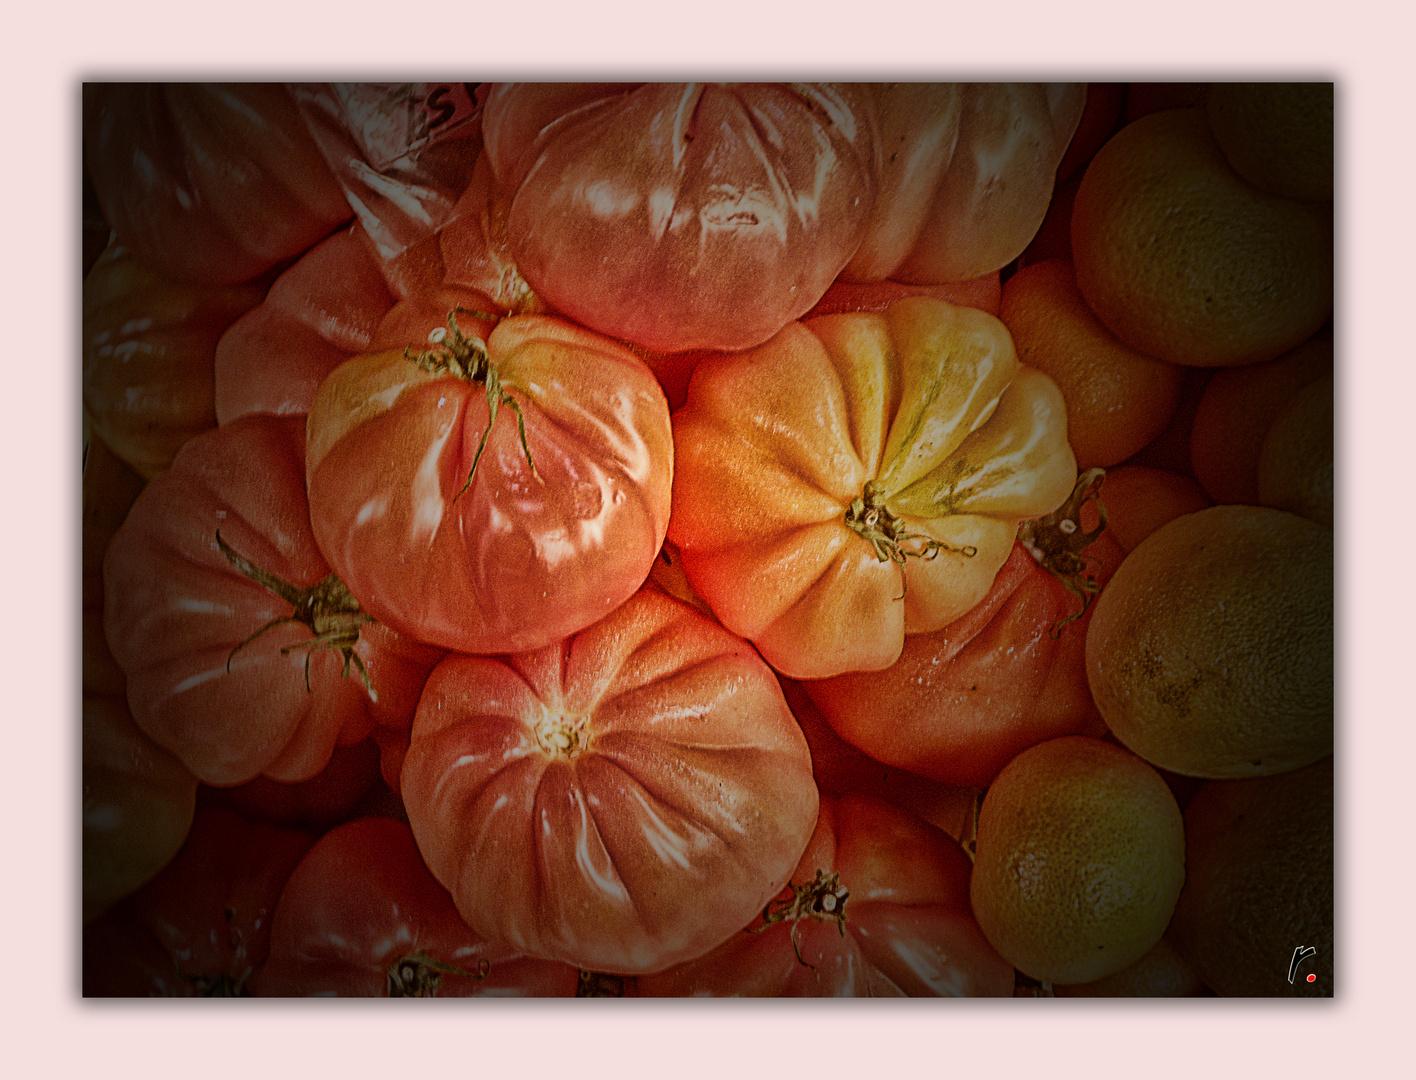 Cuate, aquí hay tomate.